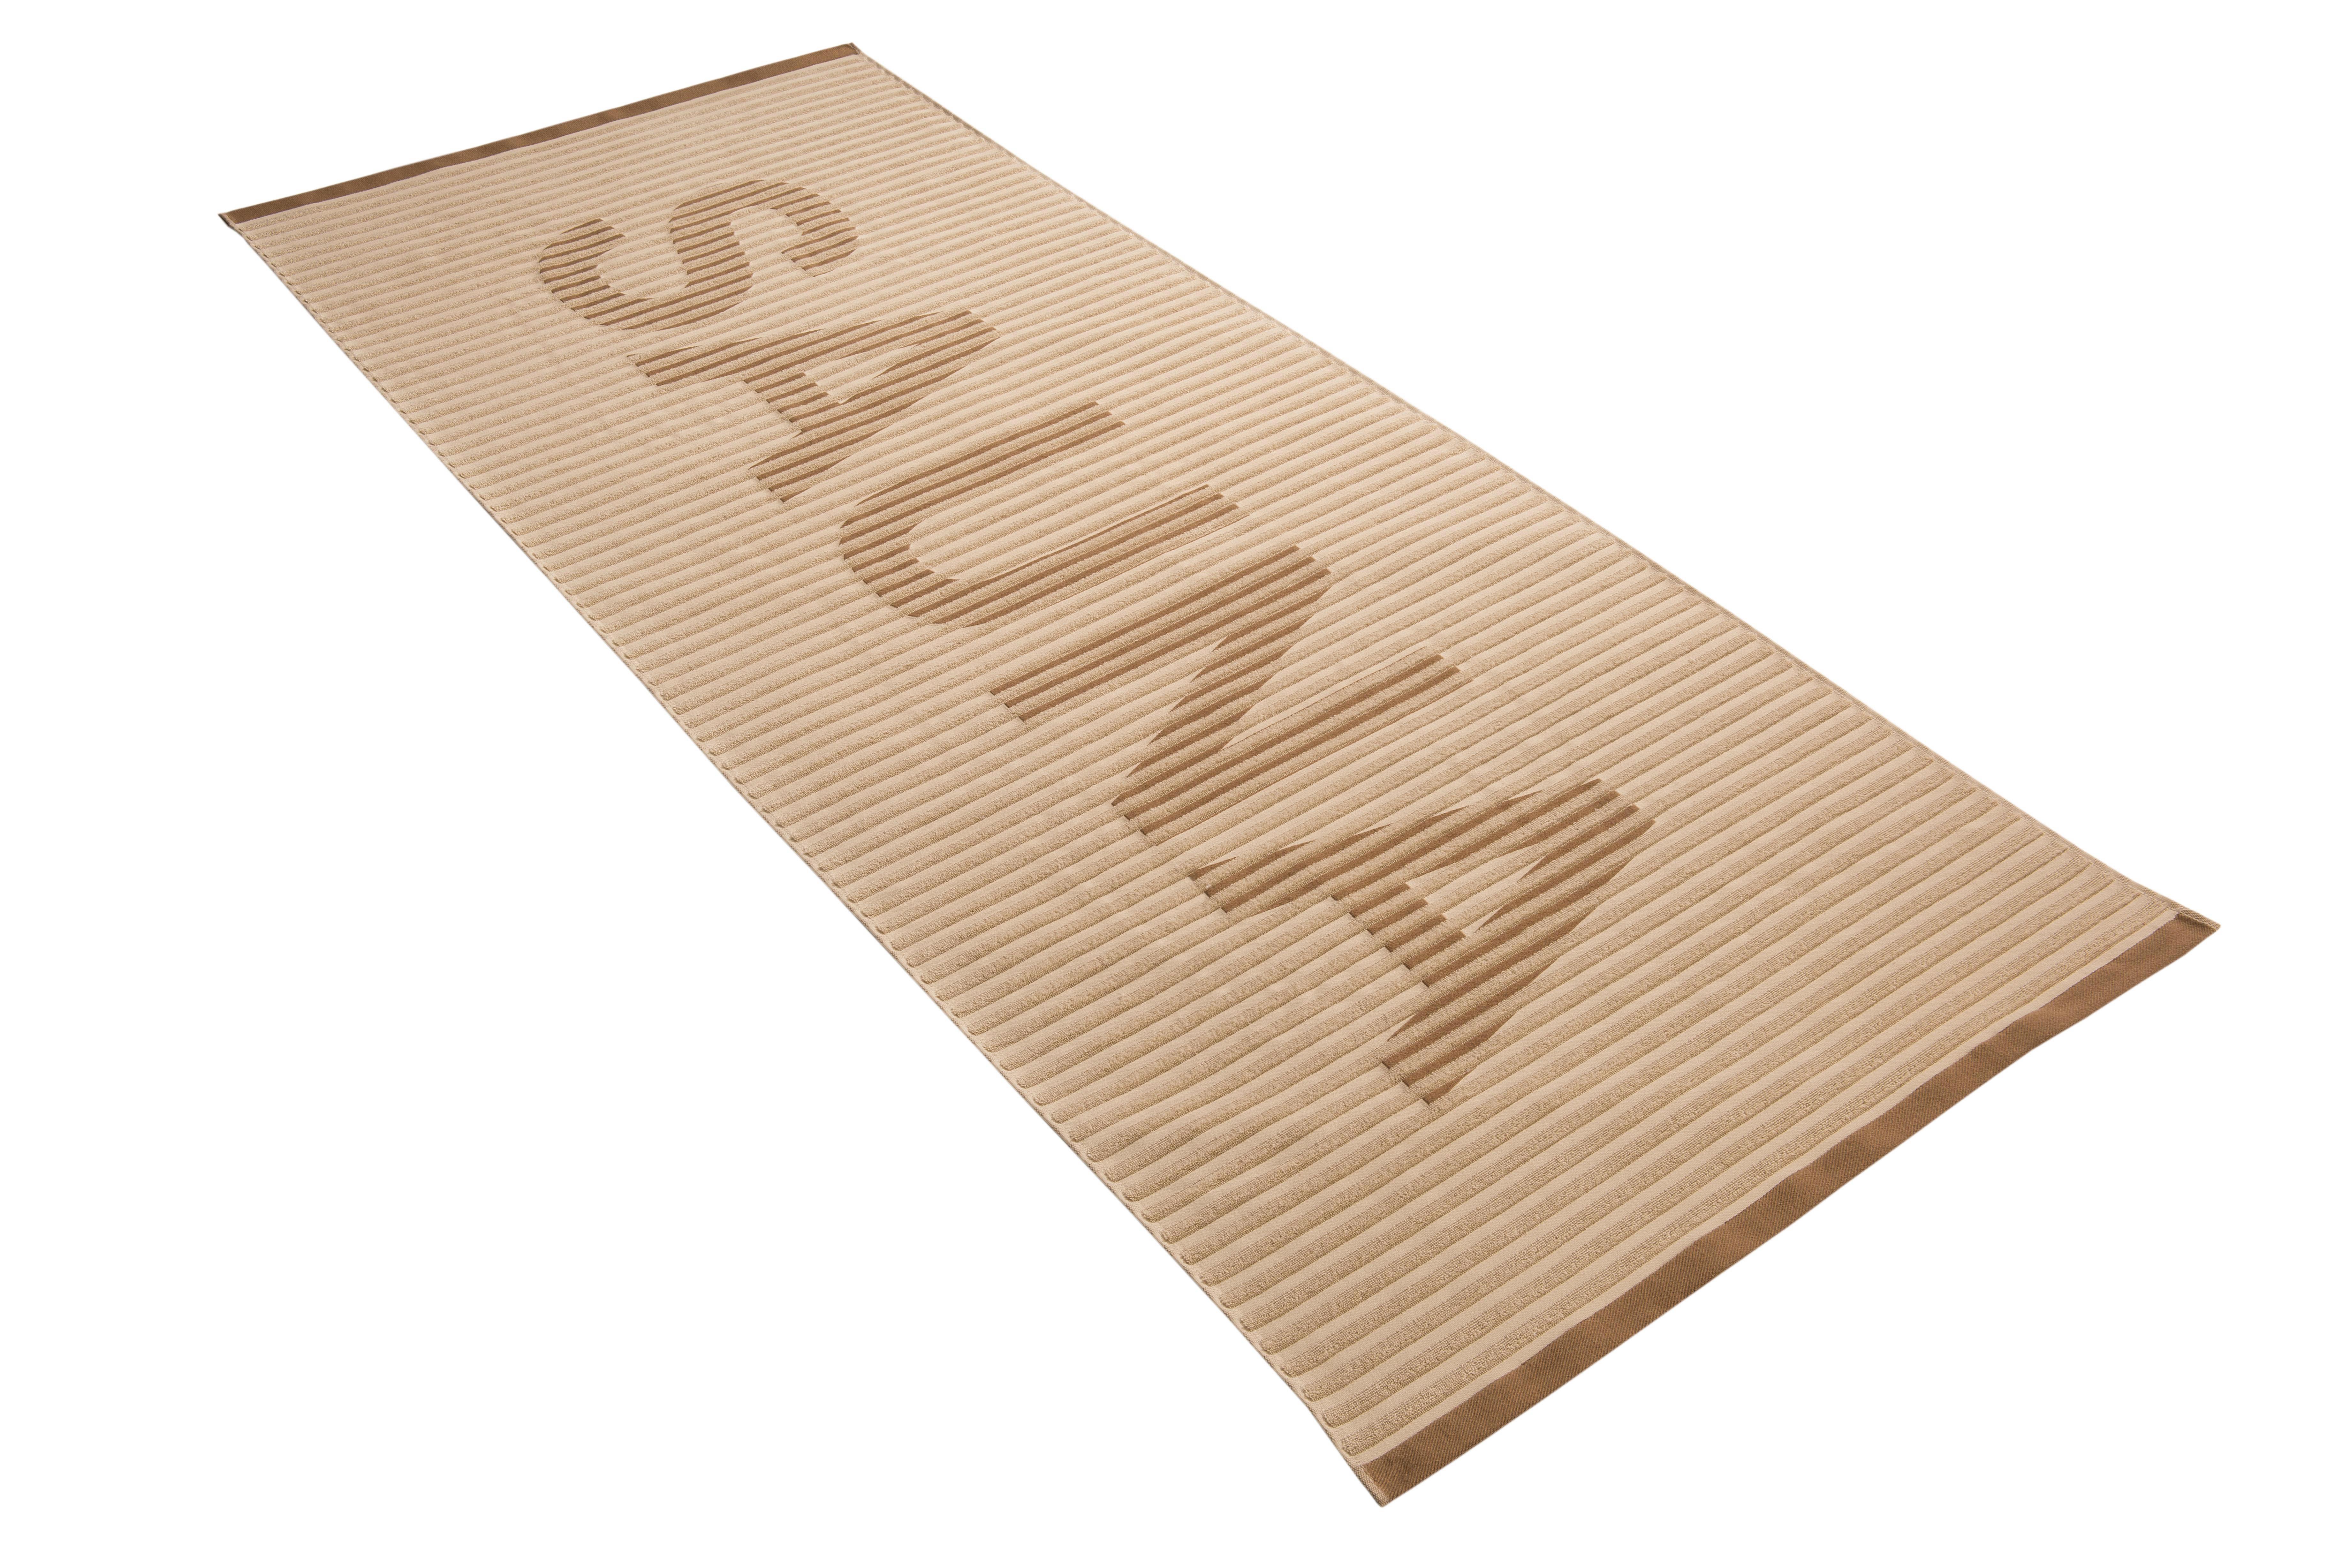 SAUNATUCH 80/200 cm - Haselnussfarben, Basics, Textil (80/200cm) - VOSSEN